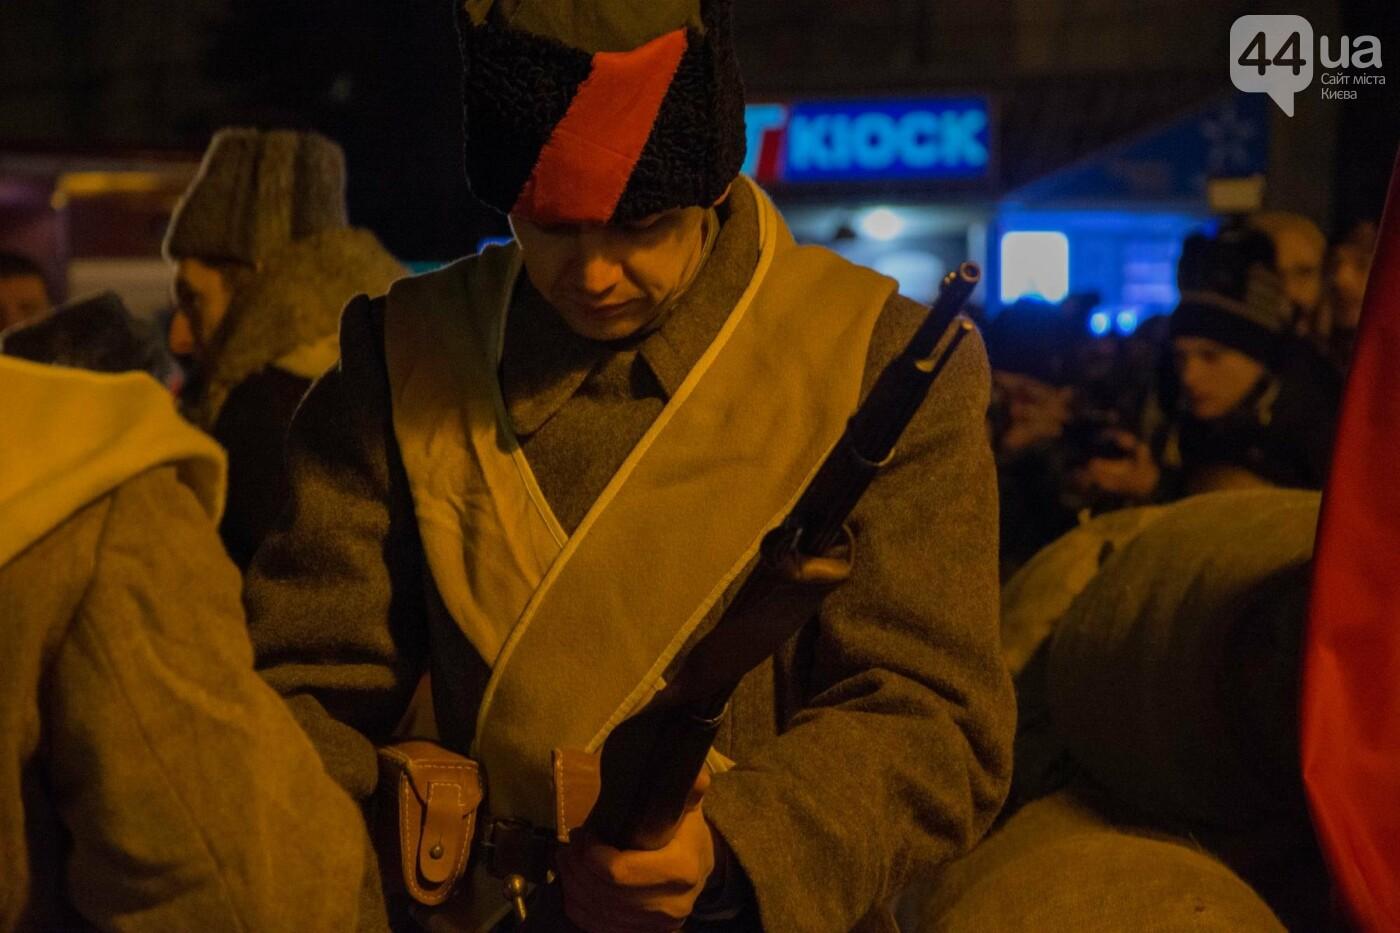 В Киеве провели реконструкцию боя за завод Арсенал (ФОТОРЕПОРТАЖ), фото-11